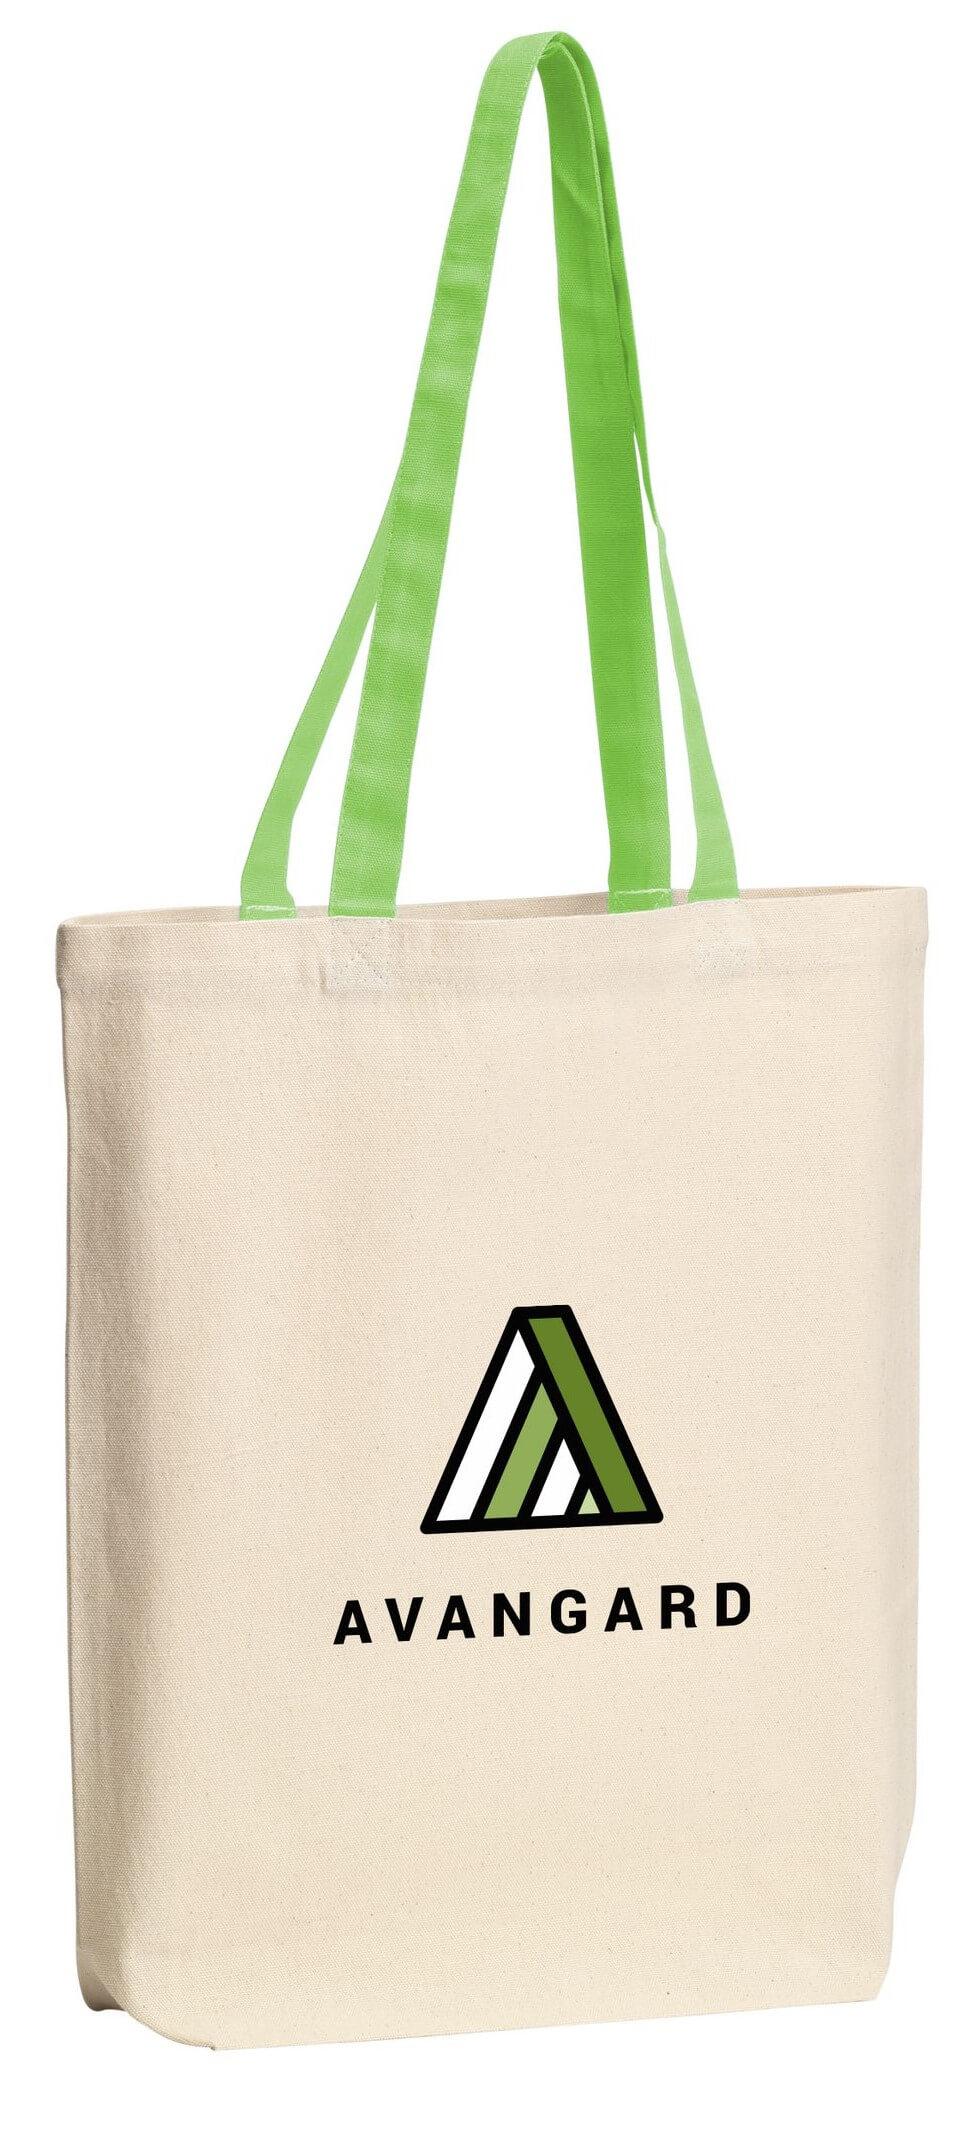 Kassit ja laukut omalla logolla - Kestävä ostoskassi laadukkaasta puuvillakankaasta.